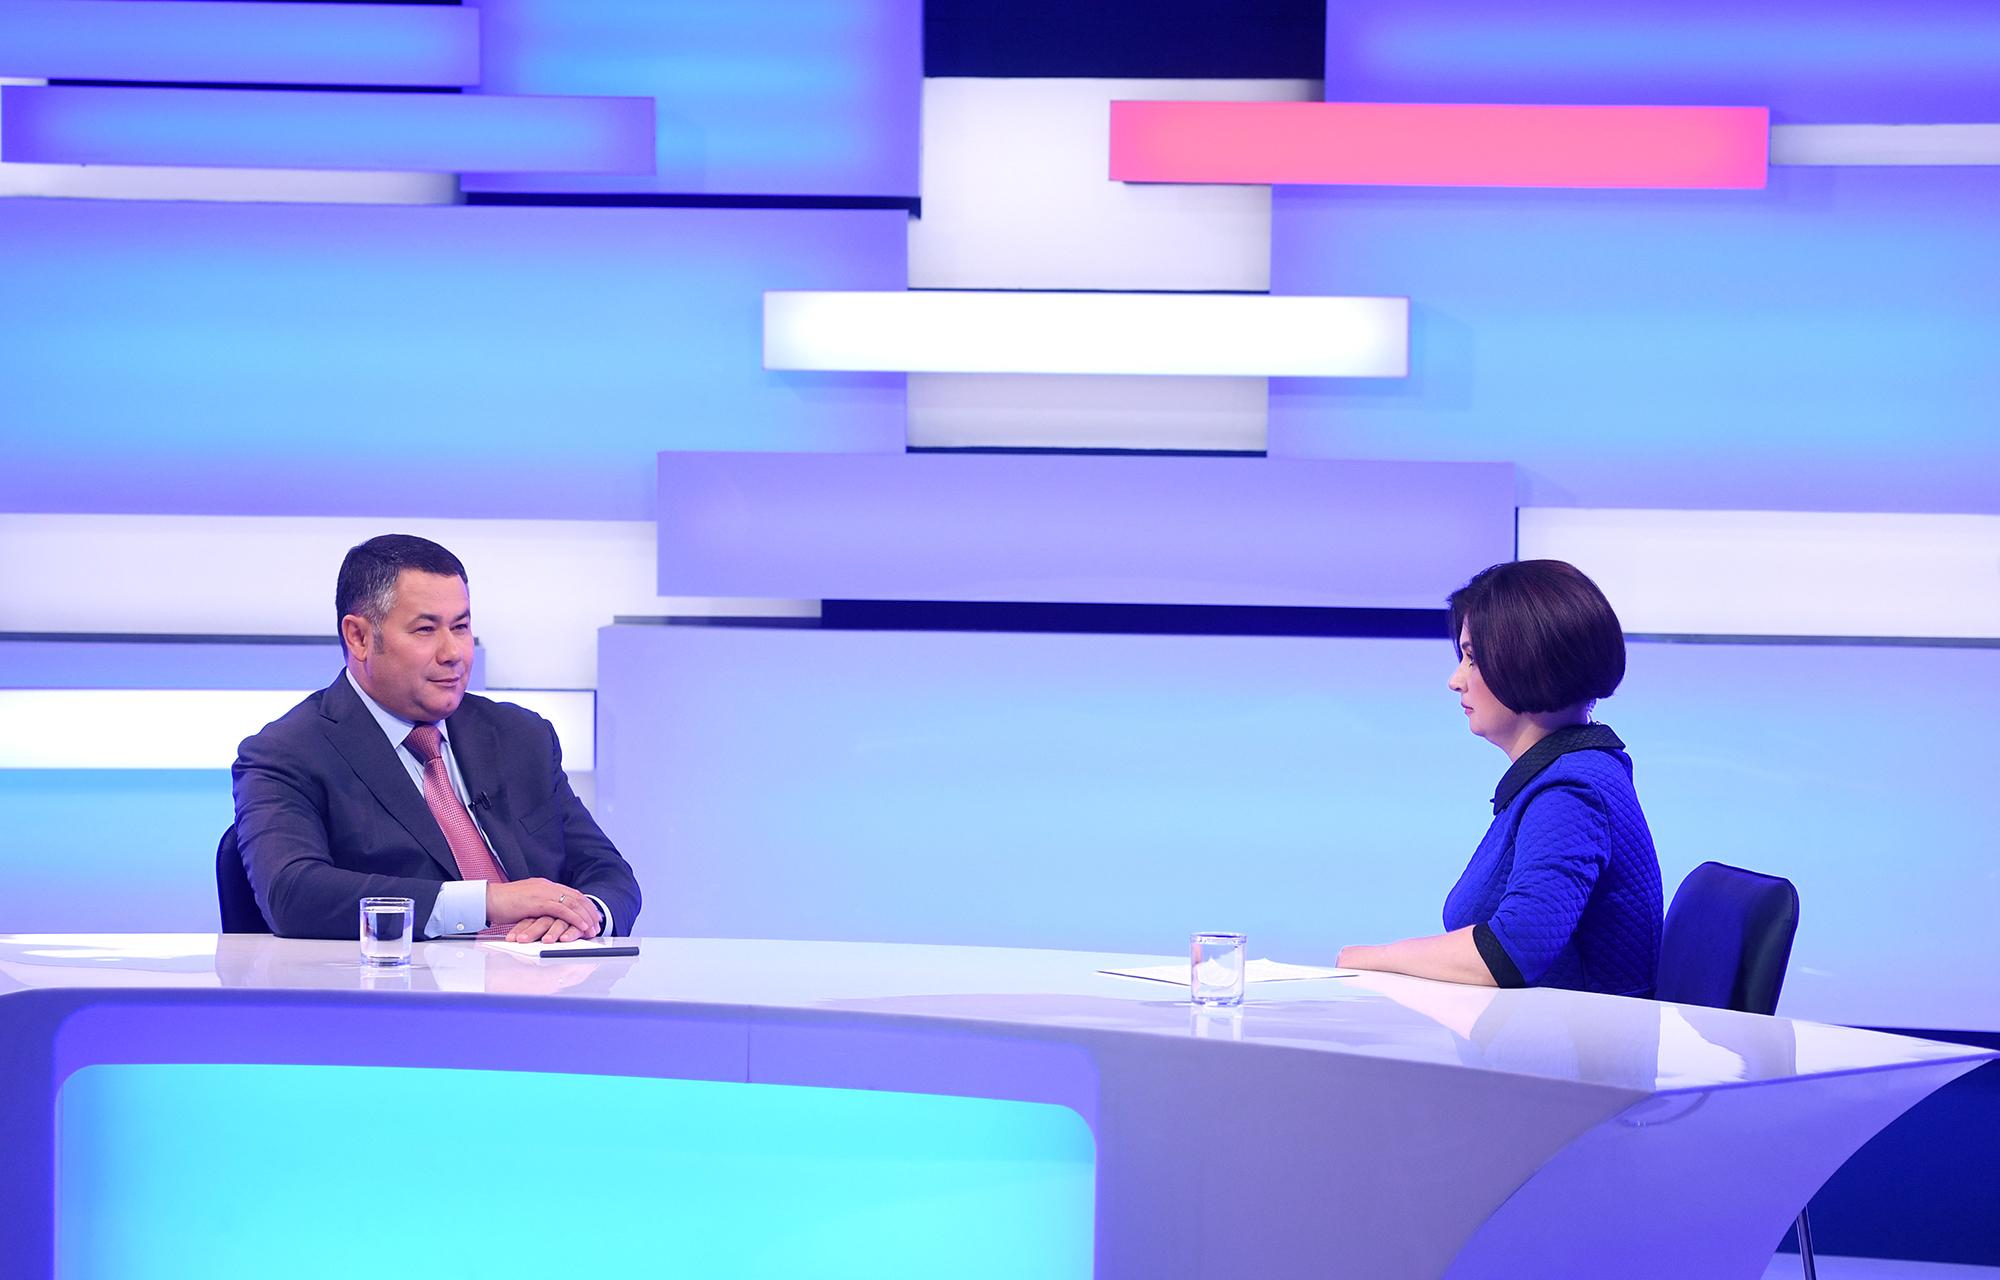 Губернатор Игорь Руденя ответит на вопросы жителей Тверской области в прямом эфире